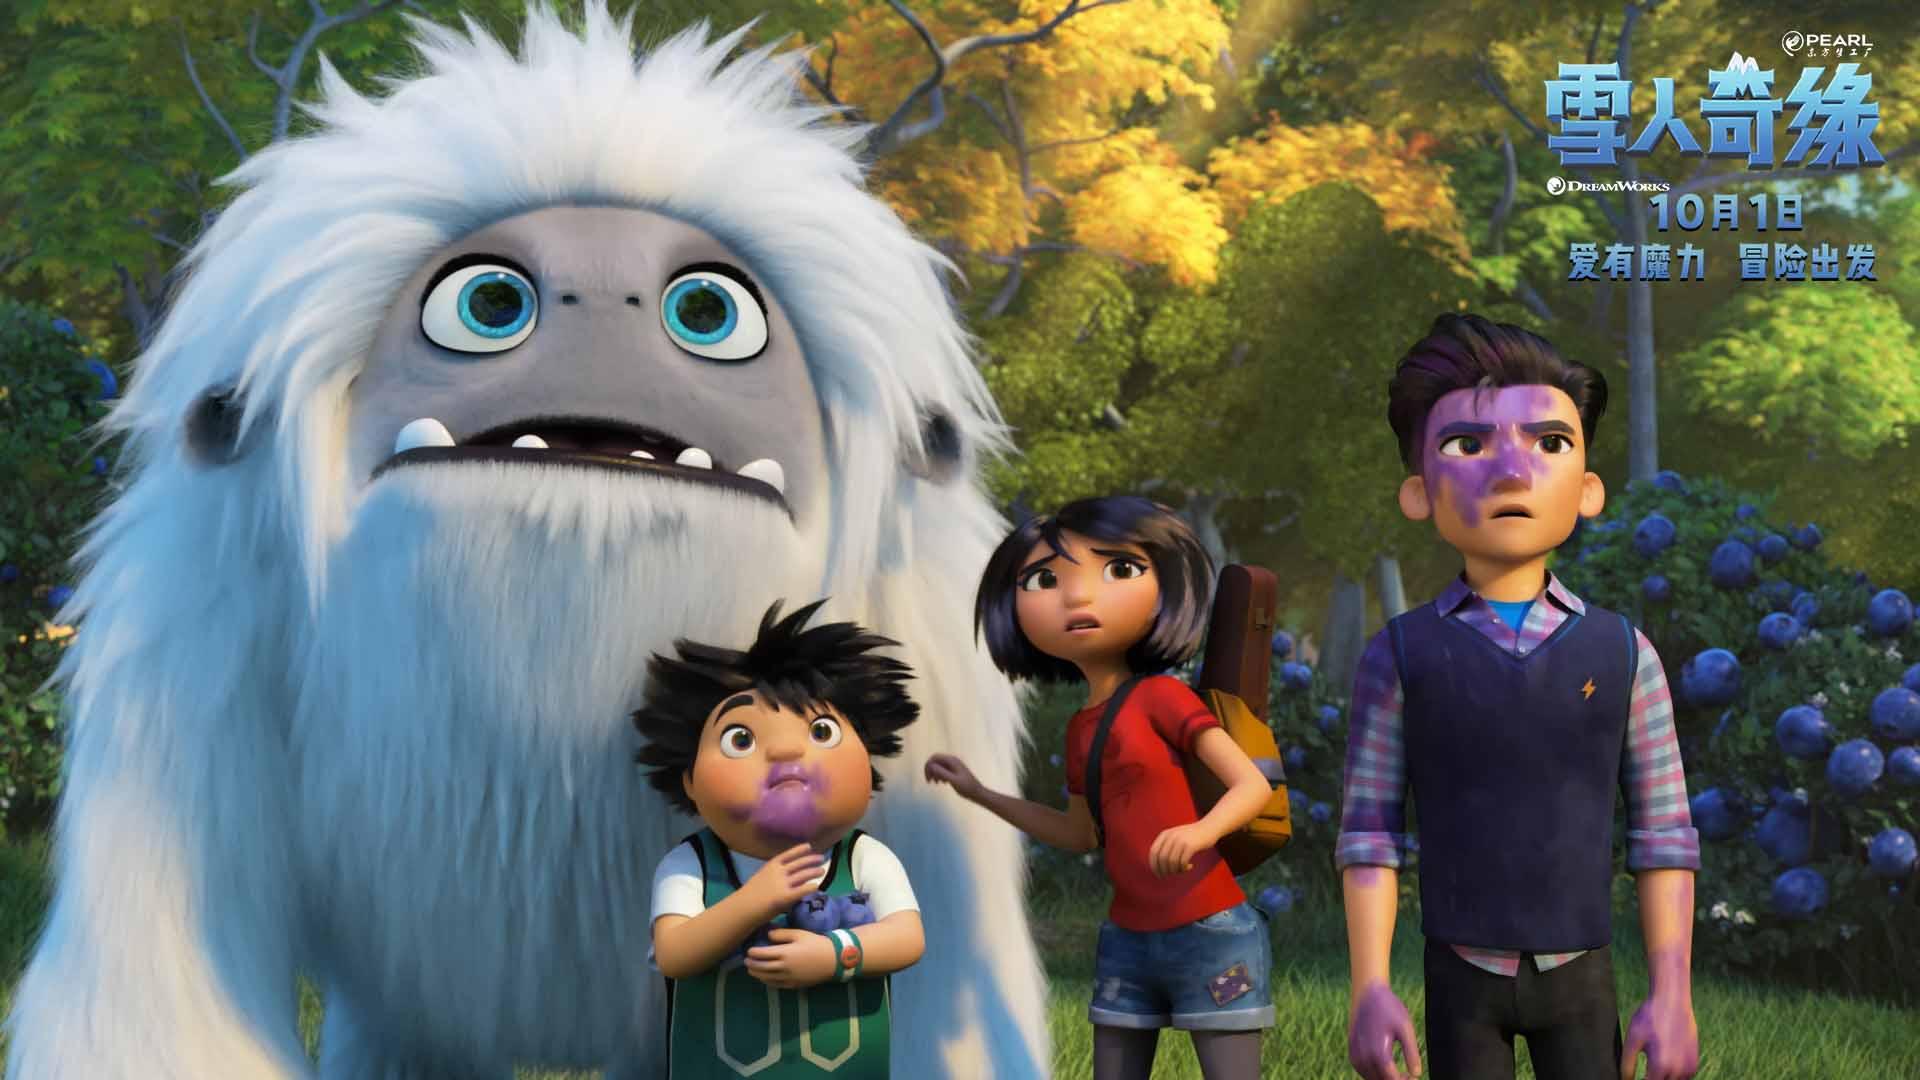 《雪人奇缘》好莱坞品质动画首现中式家文化 普世情感打动世界